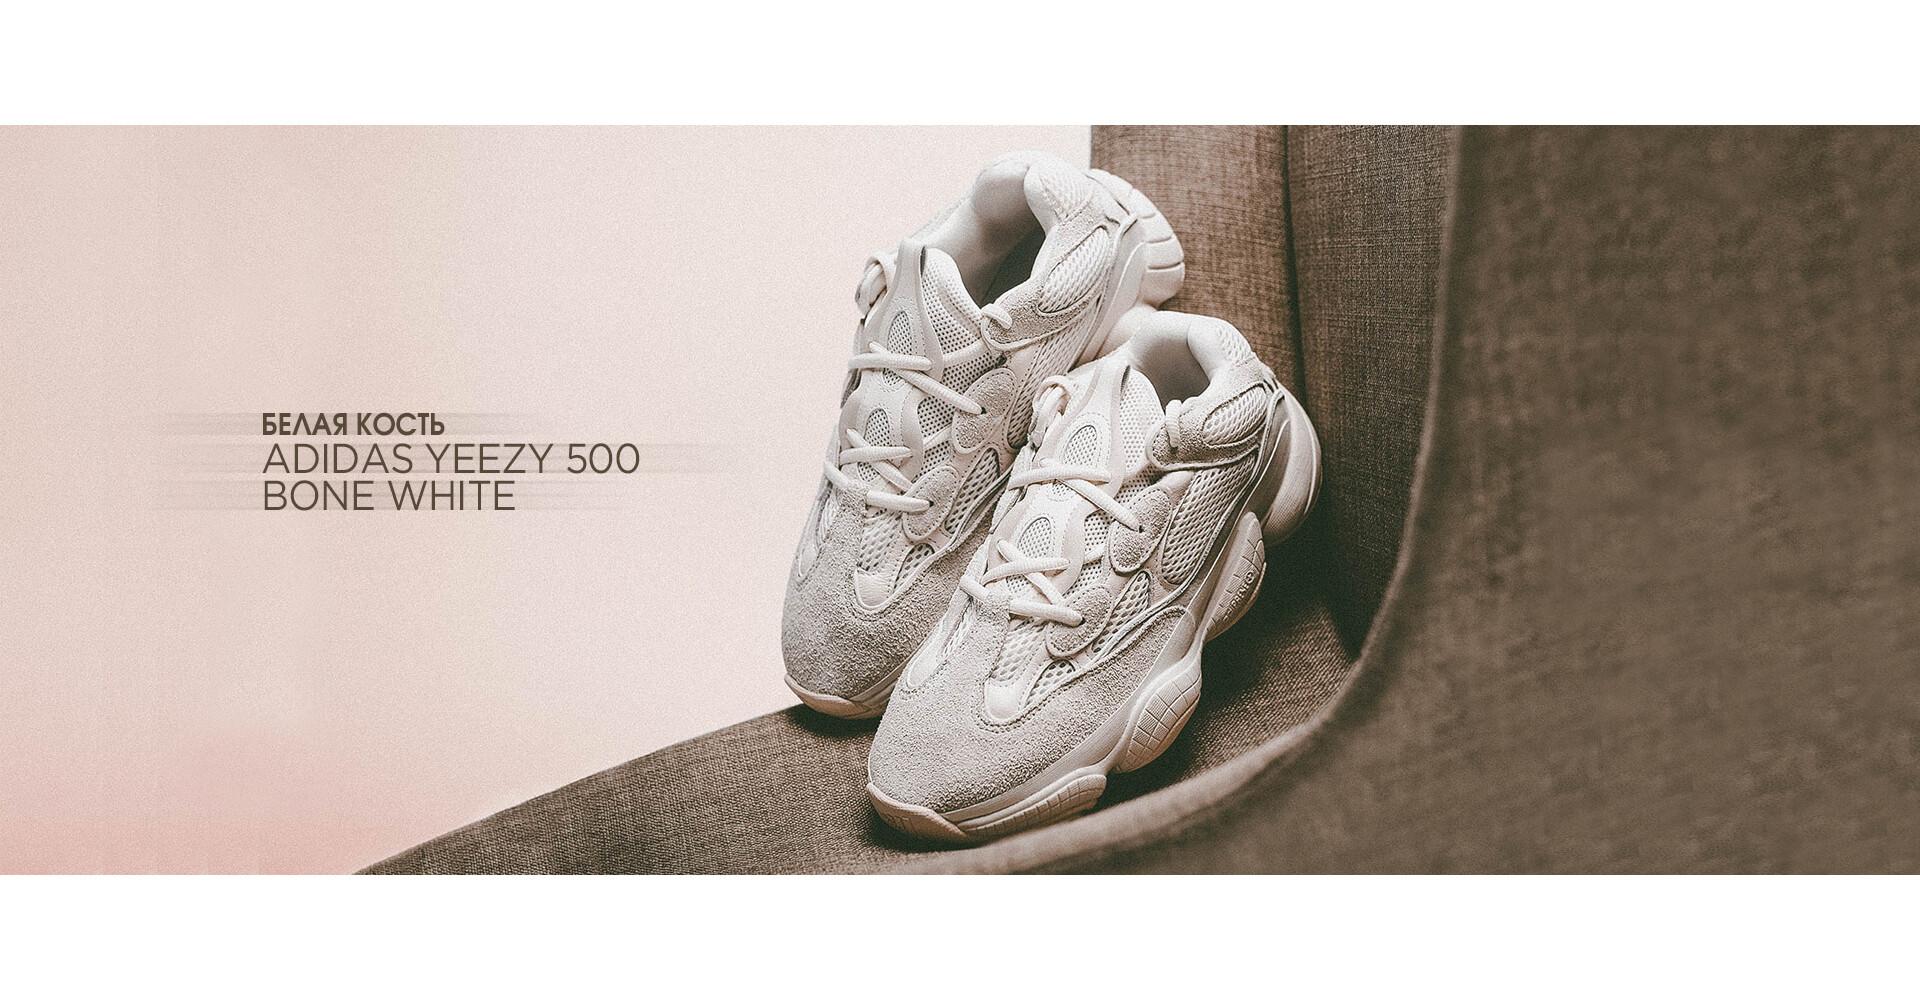 YEEZY 500